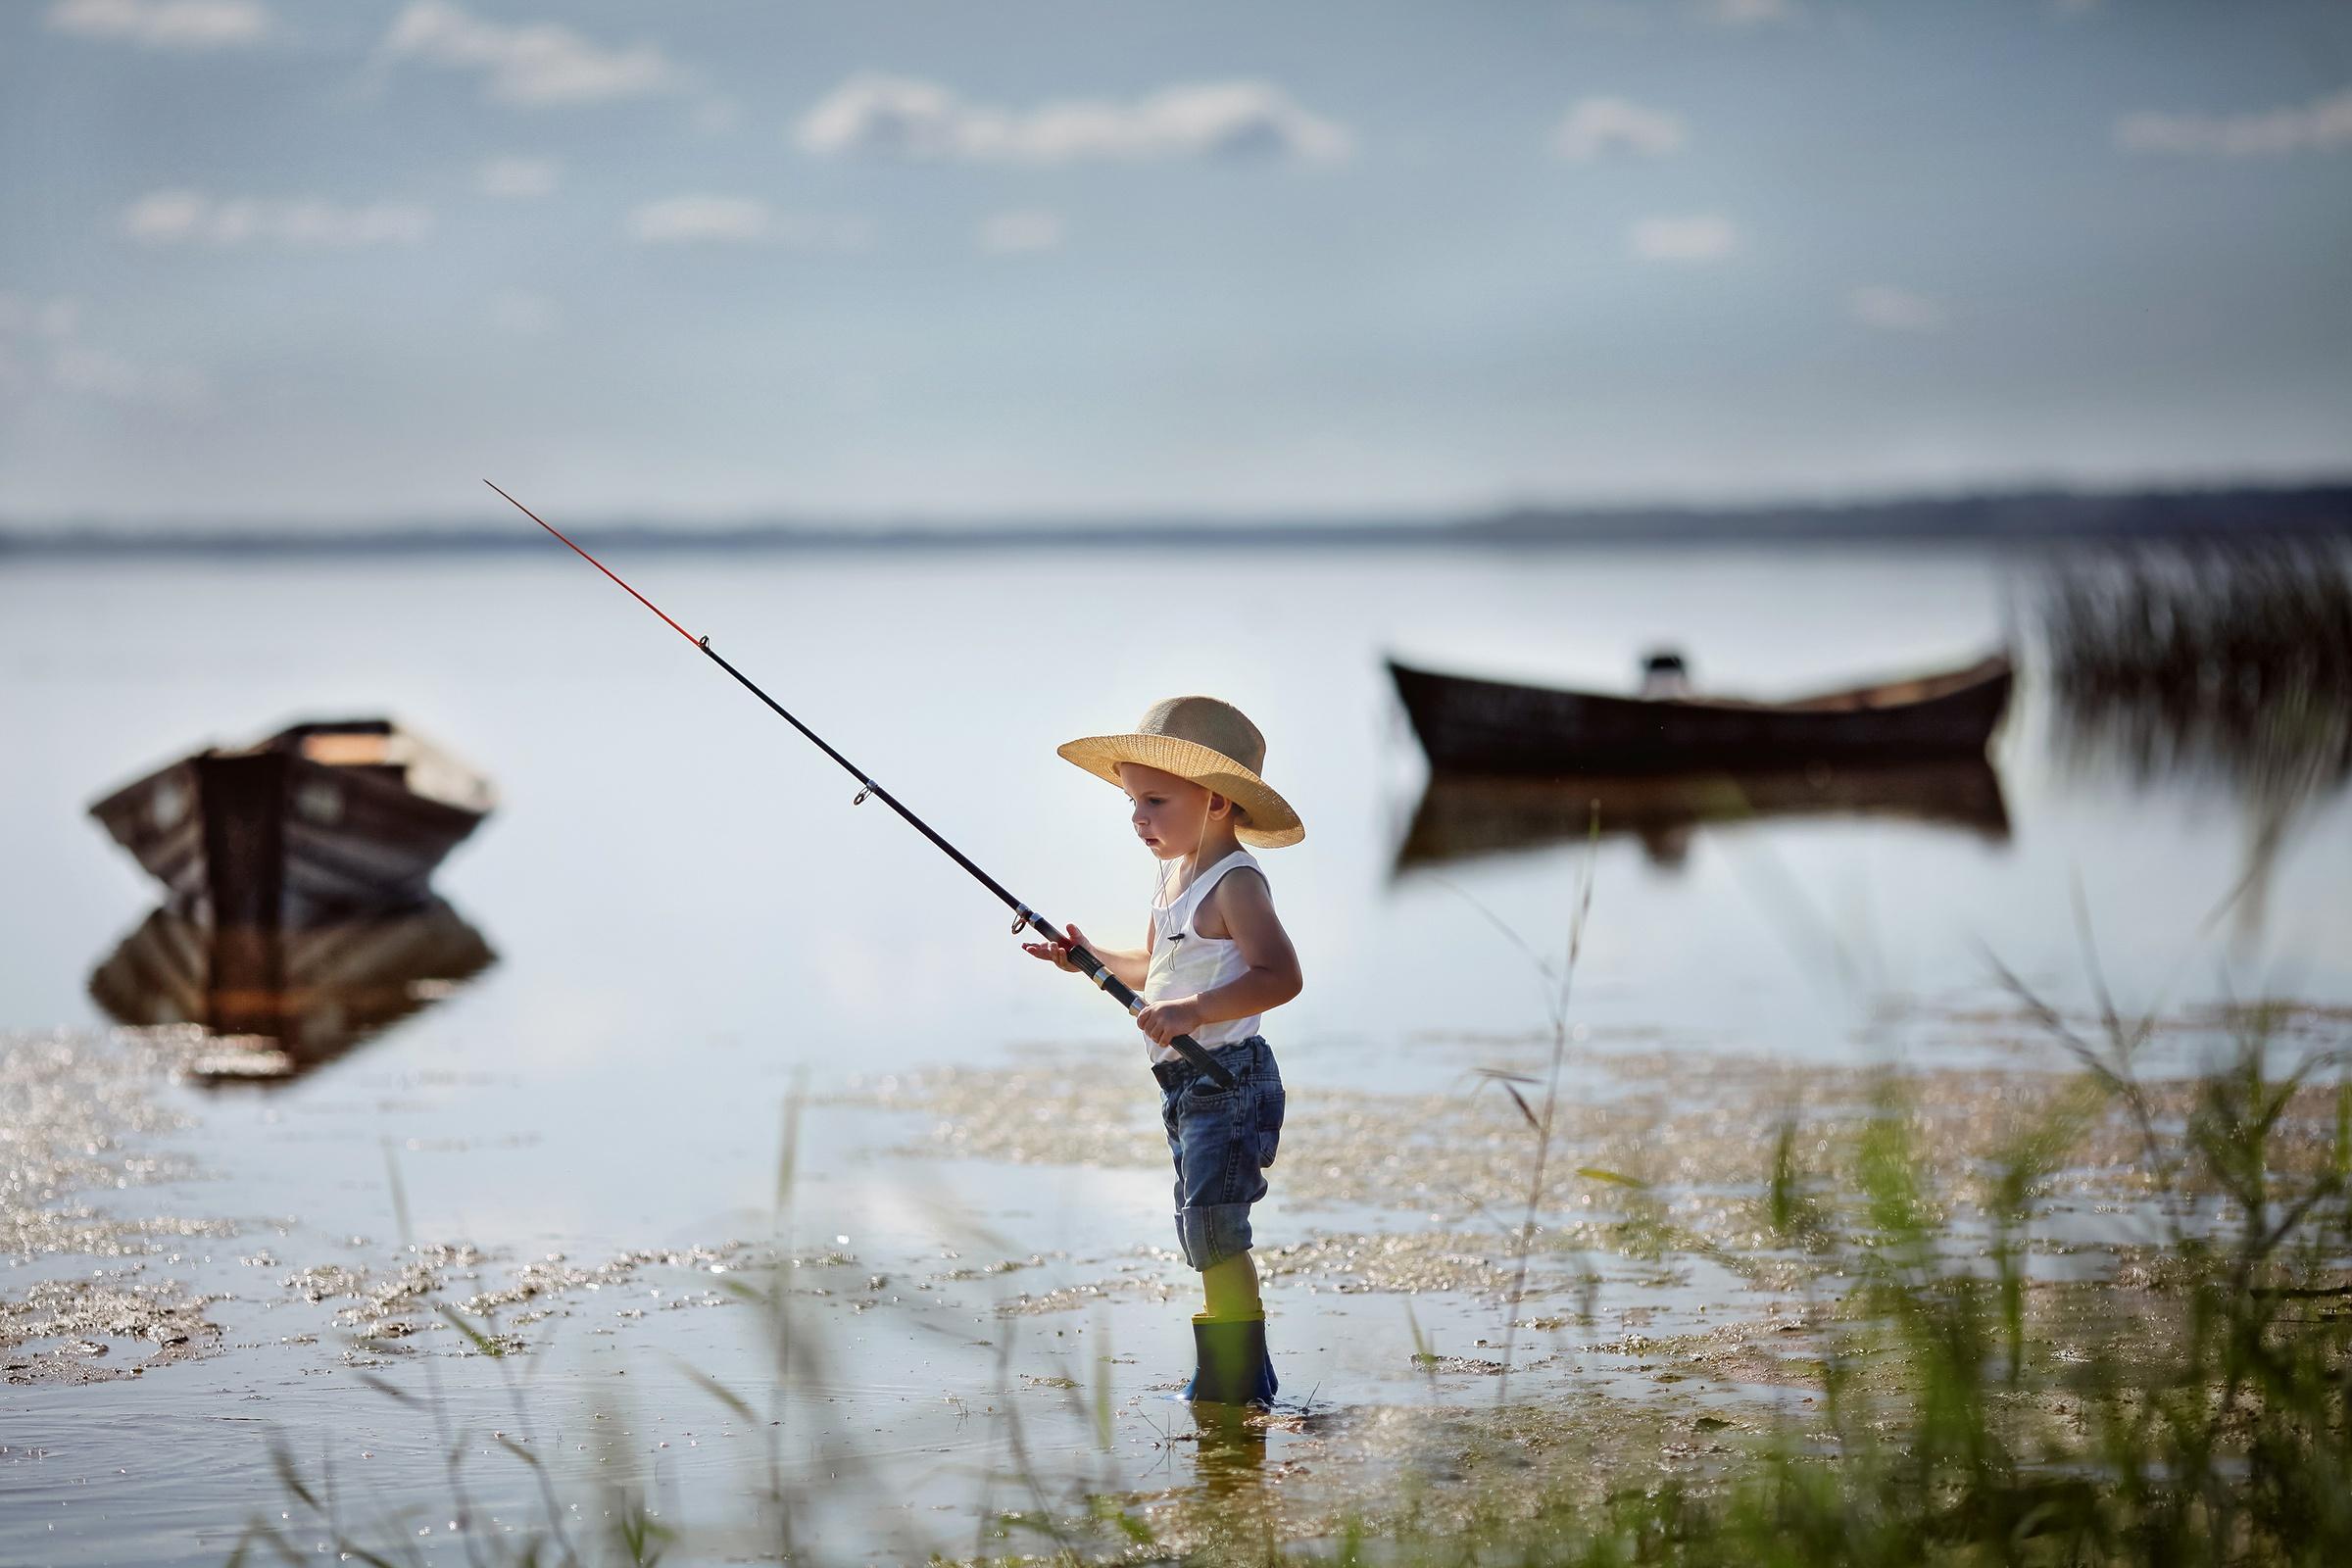 картинка ловят рыбу захватило непередаваемое